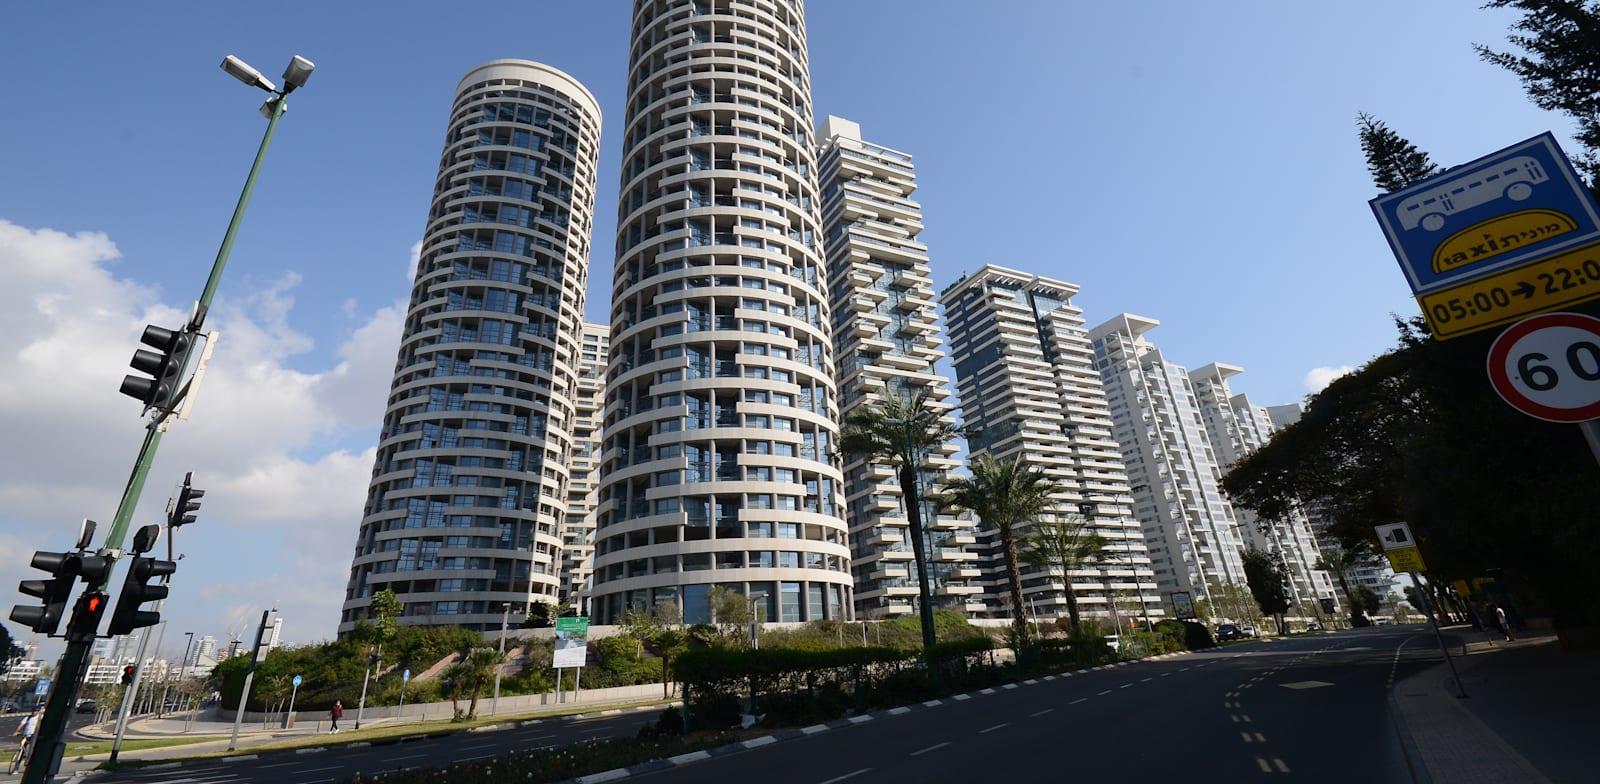 Tel Aviv apartments Photo: Eyal Izhar